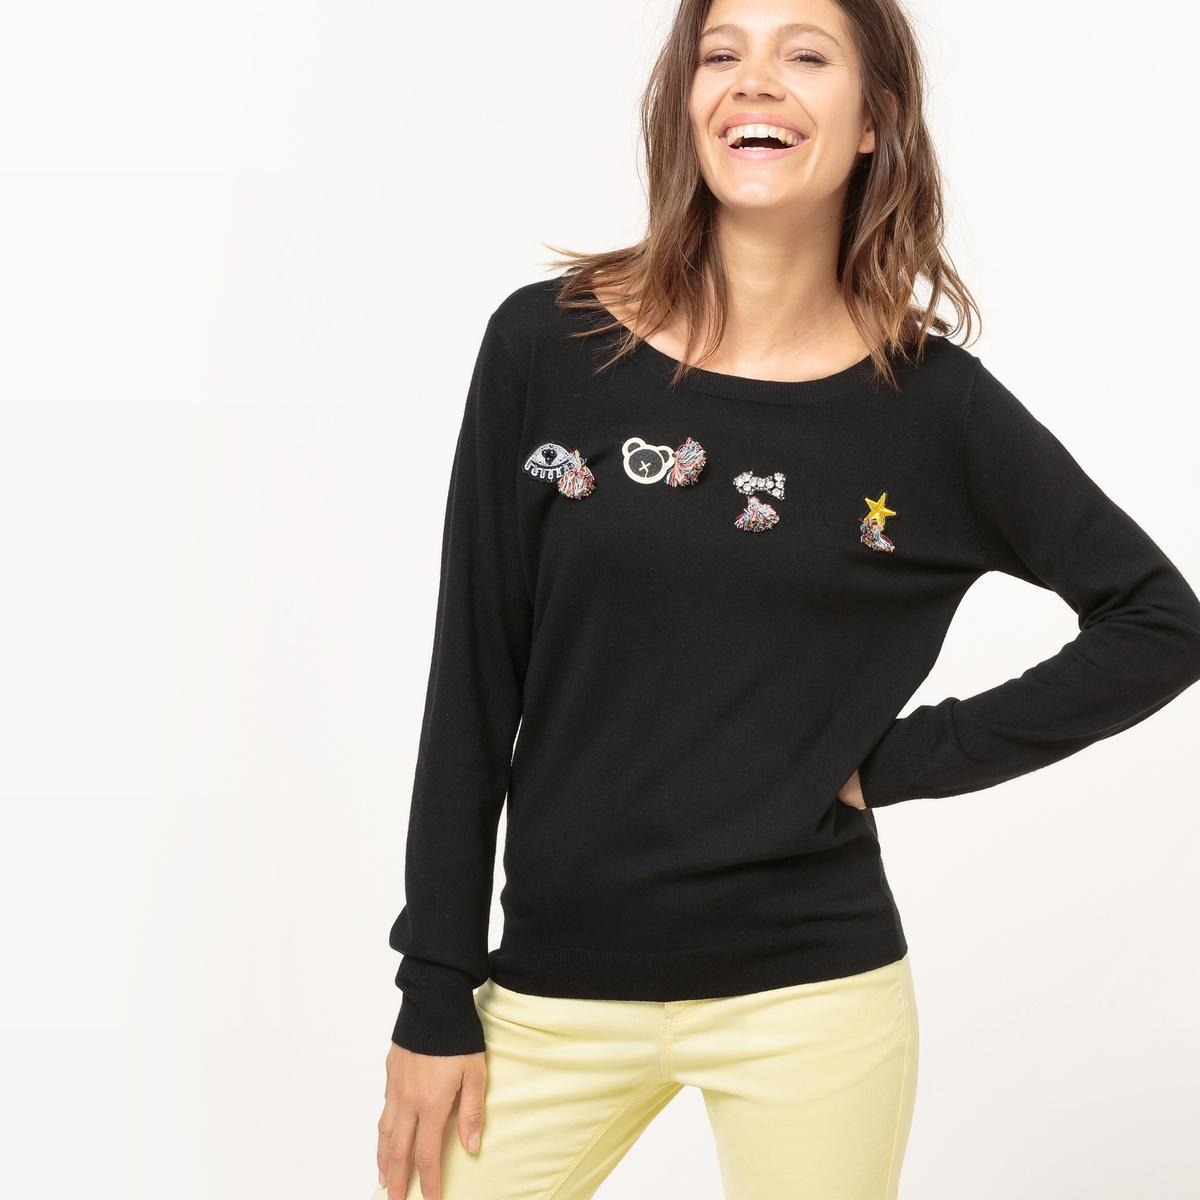 Пуловер с длинными рукавами и вышитым рисункомМатериал : 25% вискозы, 75% полиэстера   Длина рукава : длинные рукава  Форма воротника : круглый вырез  Покрой пуловера : стандартный  Рисунок : рисунок спереди<br><br>Цвет: черный